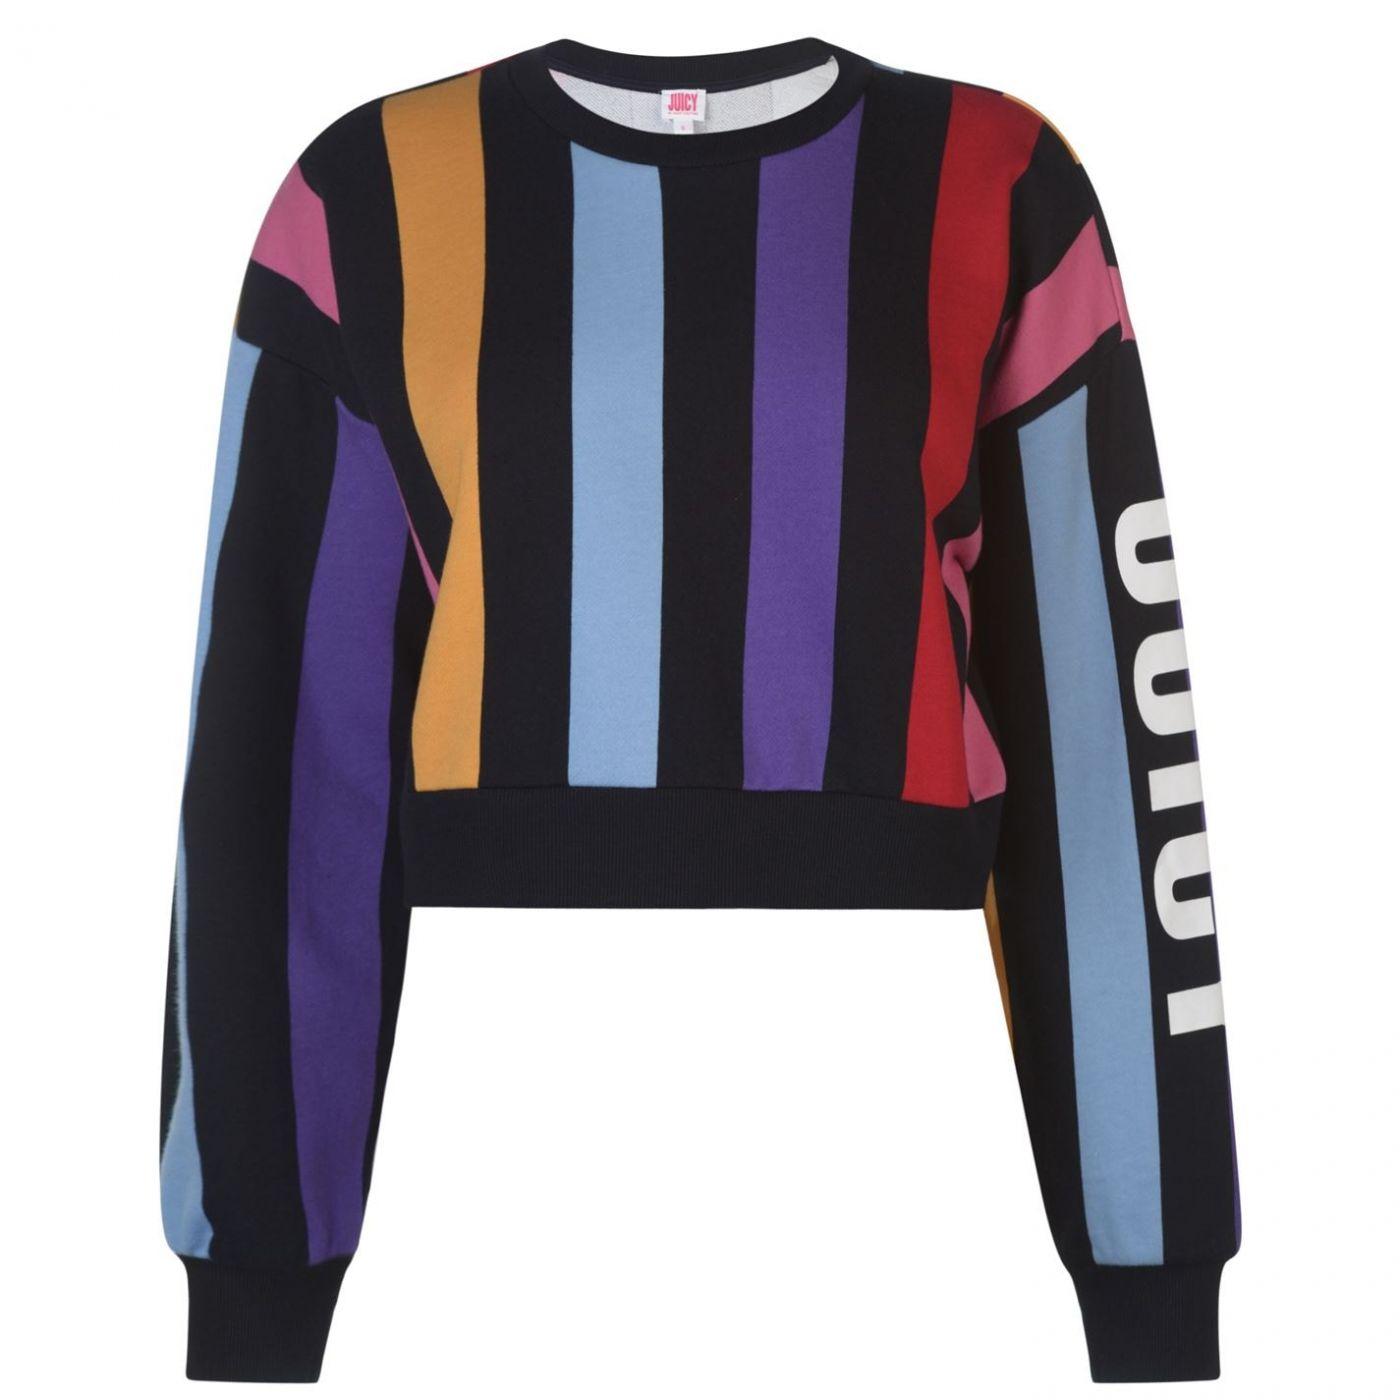 Juicy Stripe Sweater